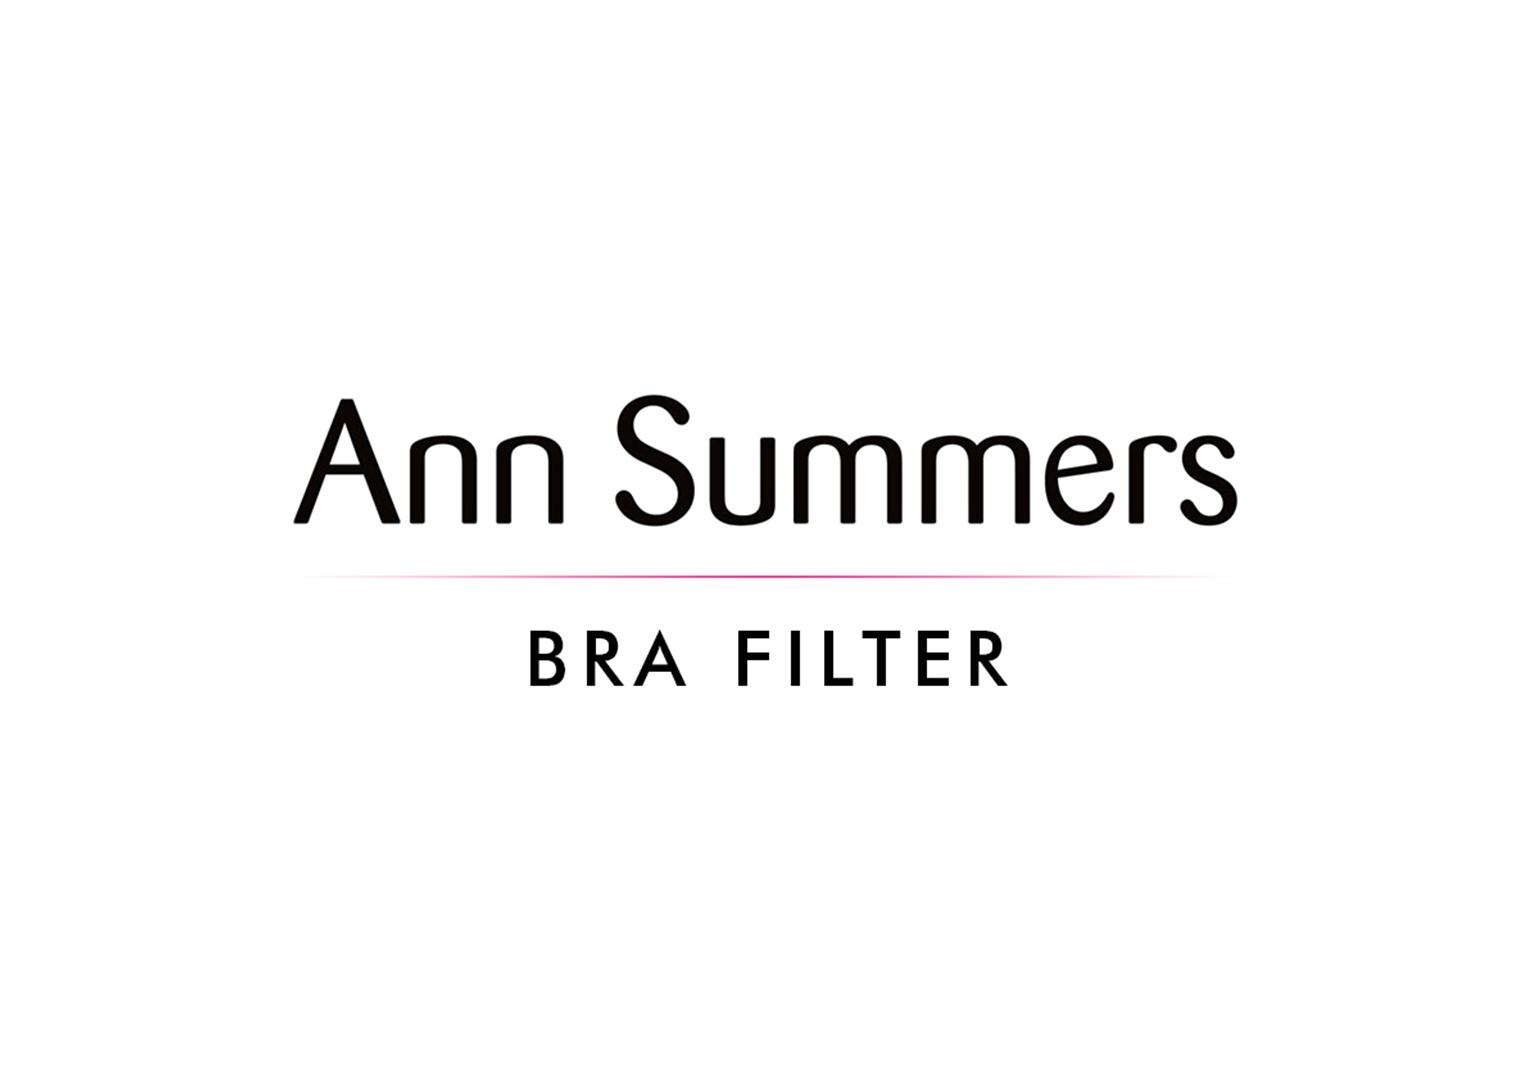 Ann Summers - Bra Filter